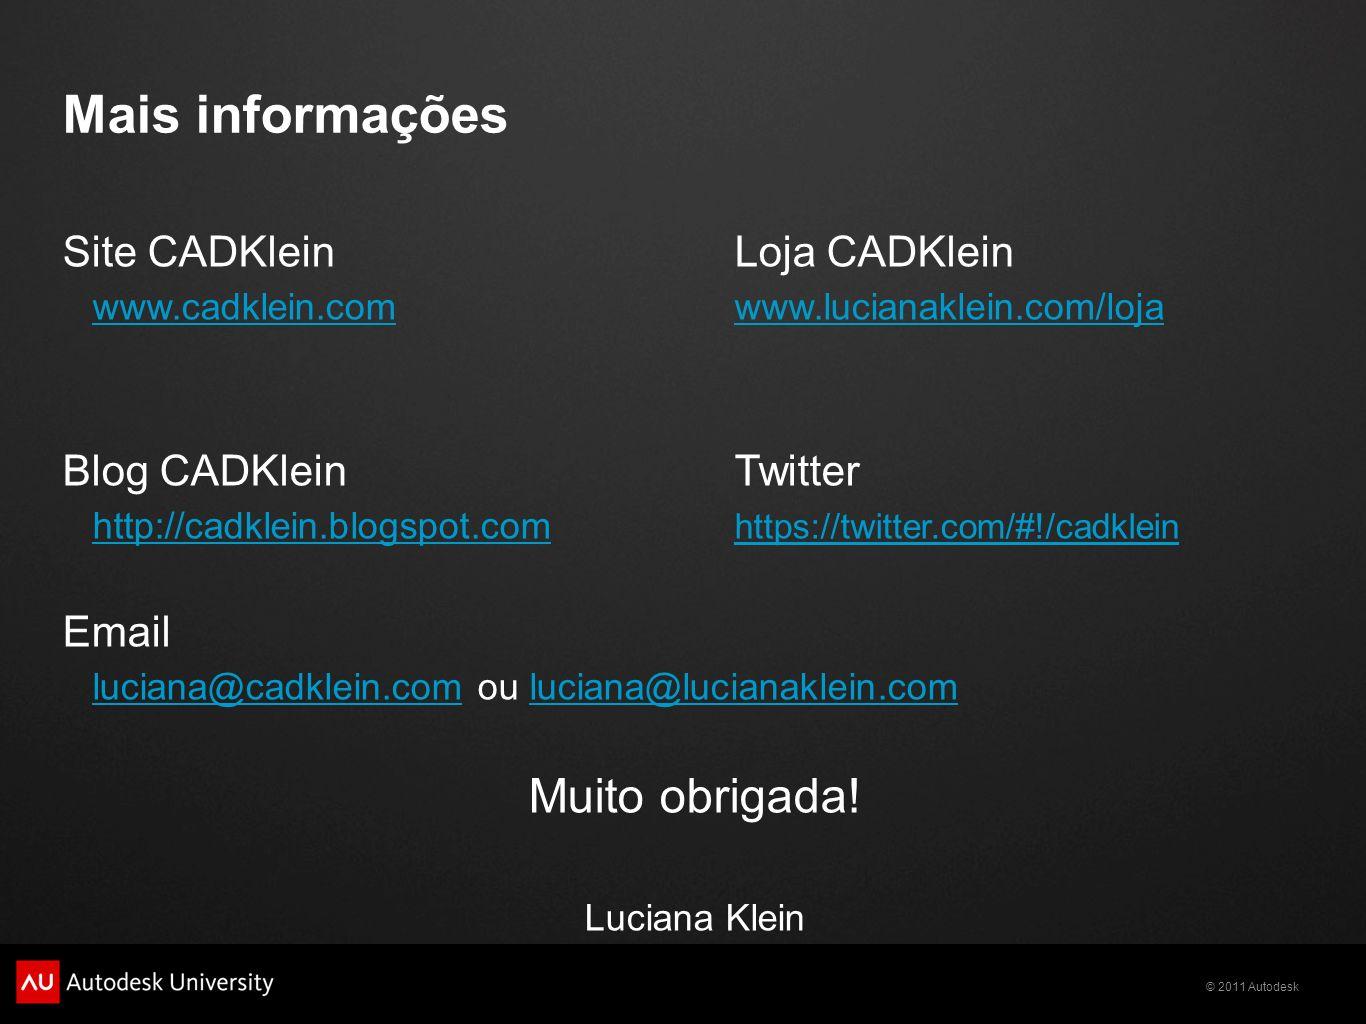 Mais informações Muito obrigada! Site CADKlein Loja CADKlein